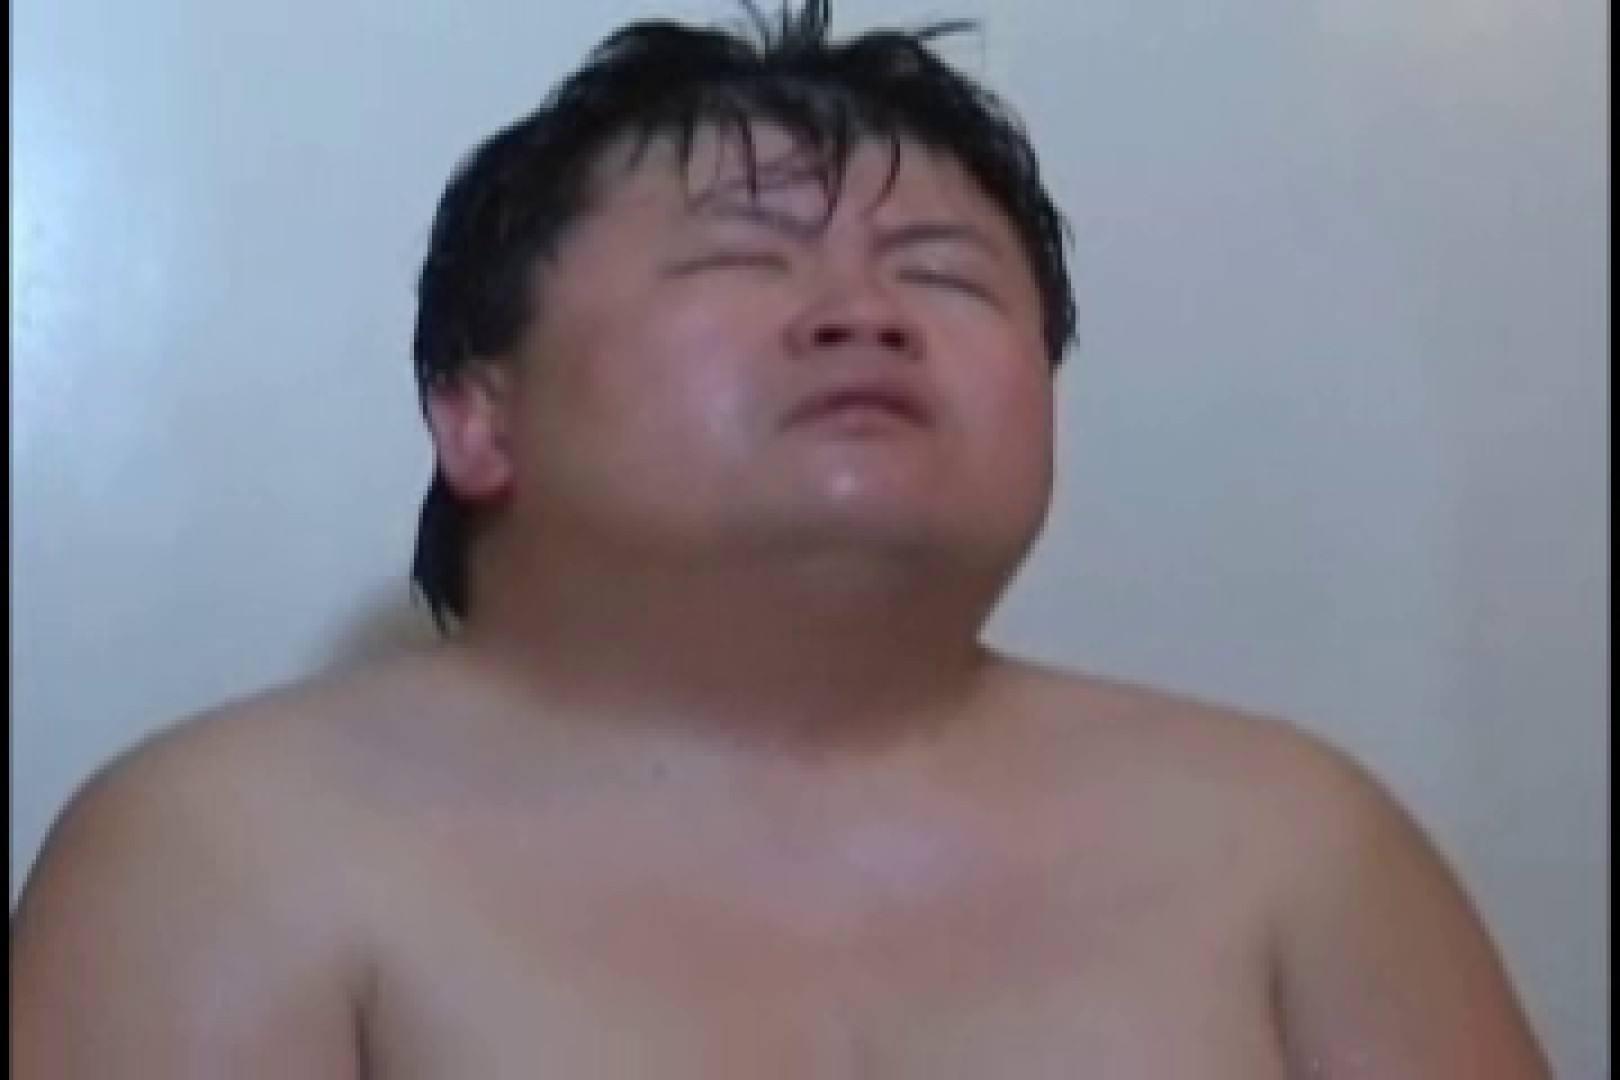 無修正セックス盗撮:オデブなメガネ君のオナ&アナル攻め!:入浴・シャワー